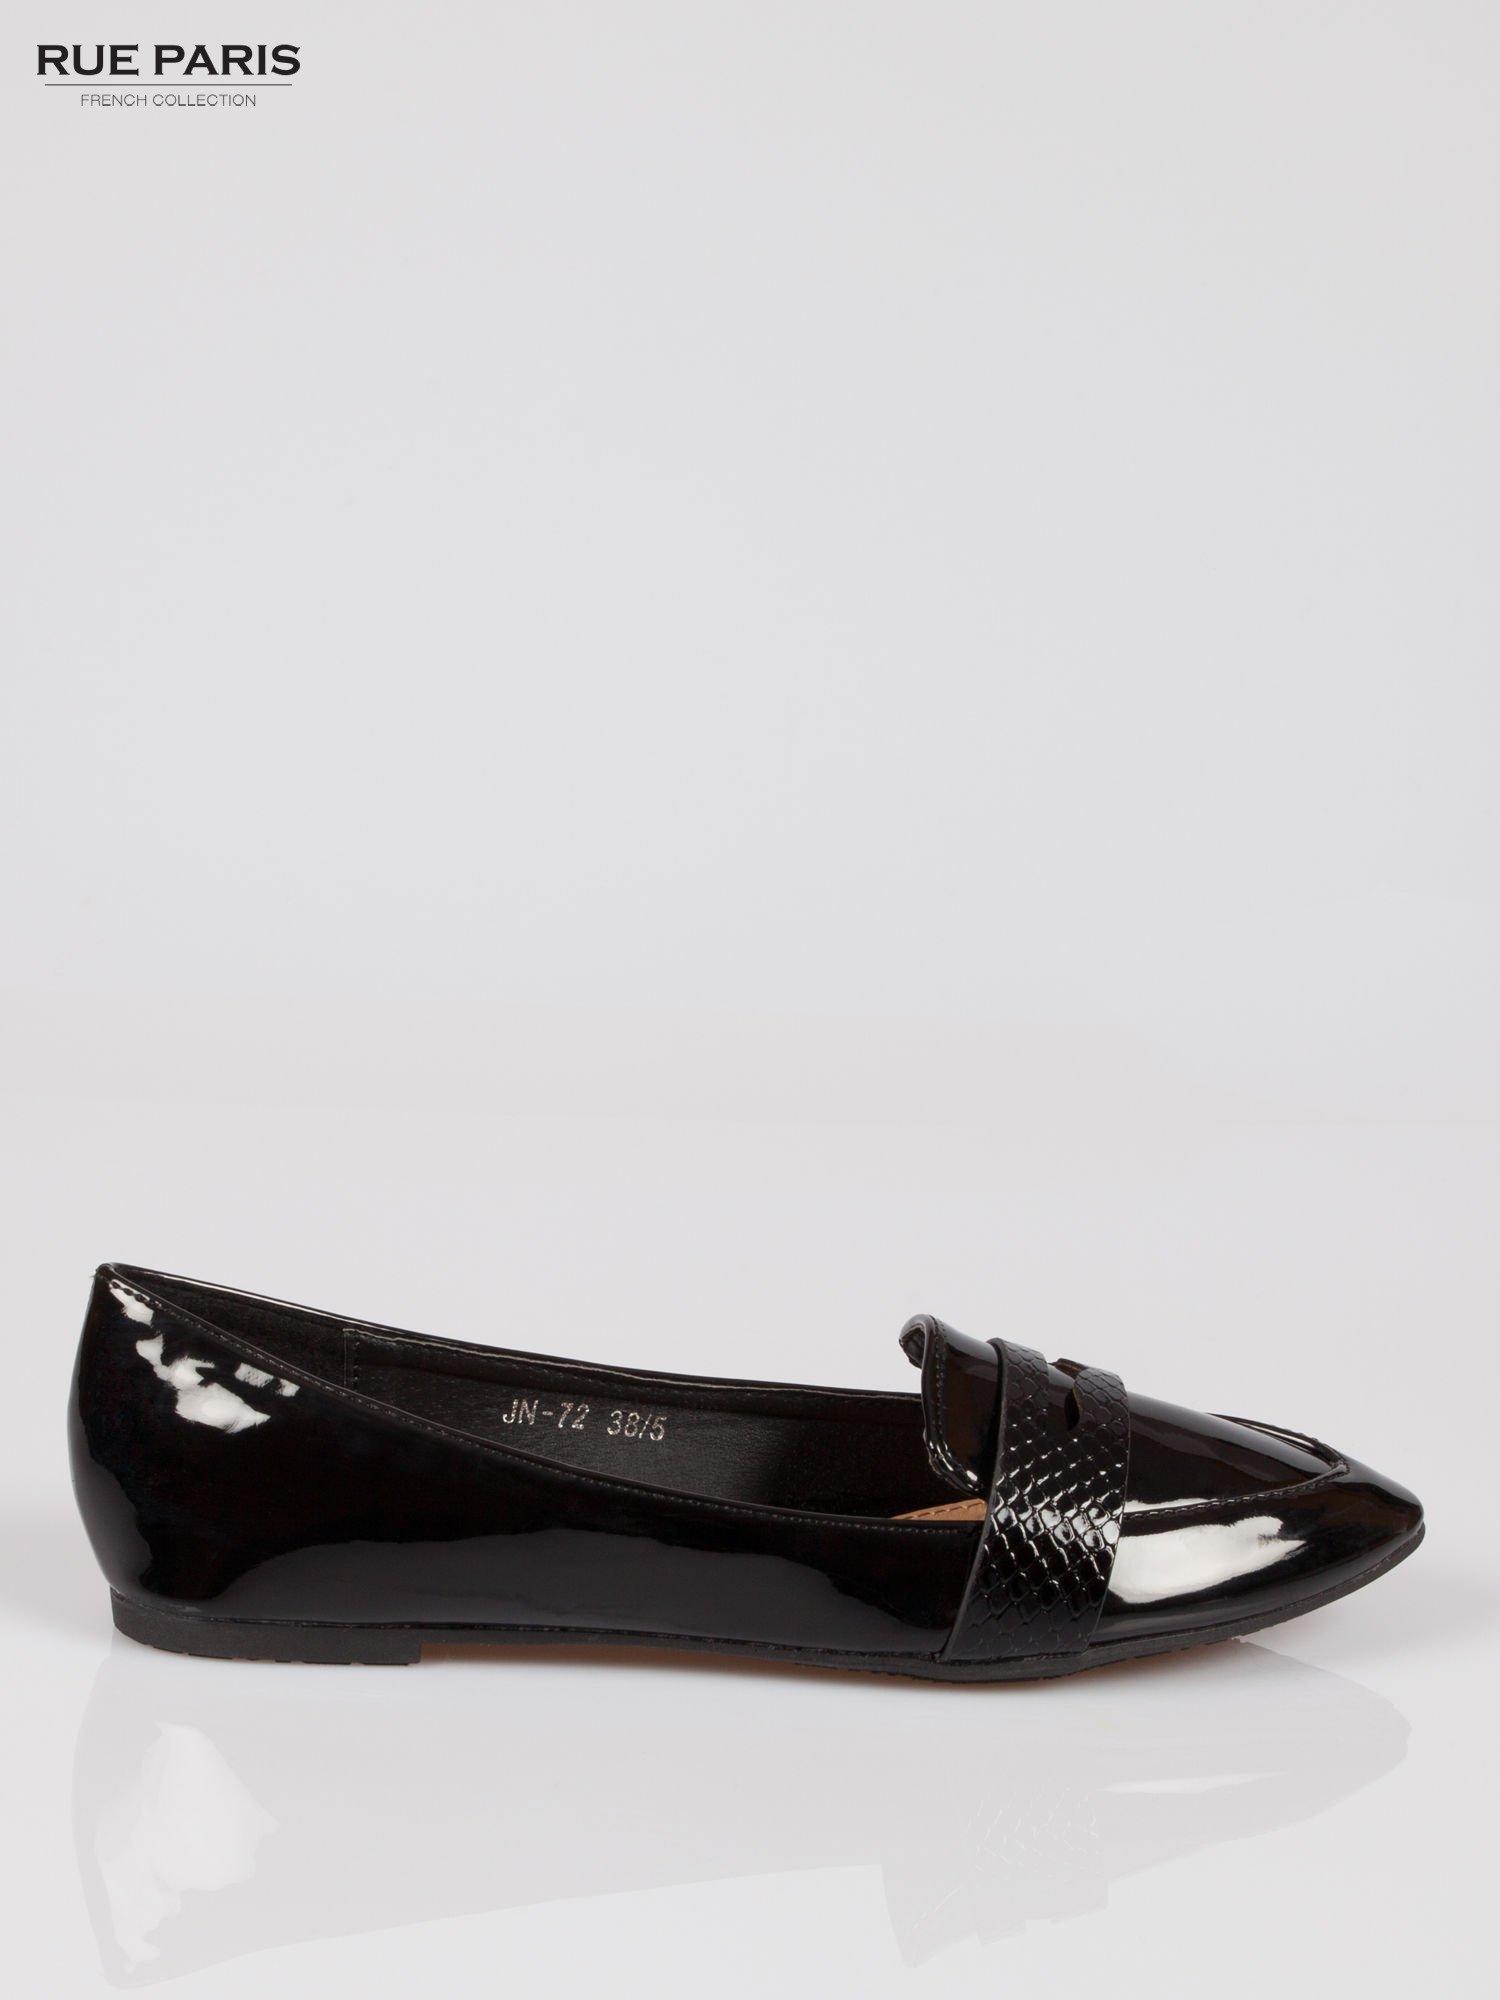 Czarne lakierowane mokasyny penny loafers Harper                                  zdj.                                  1